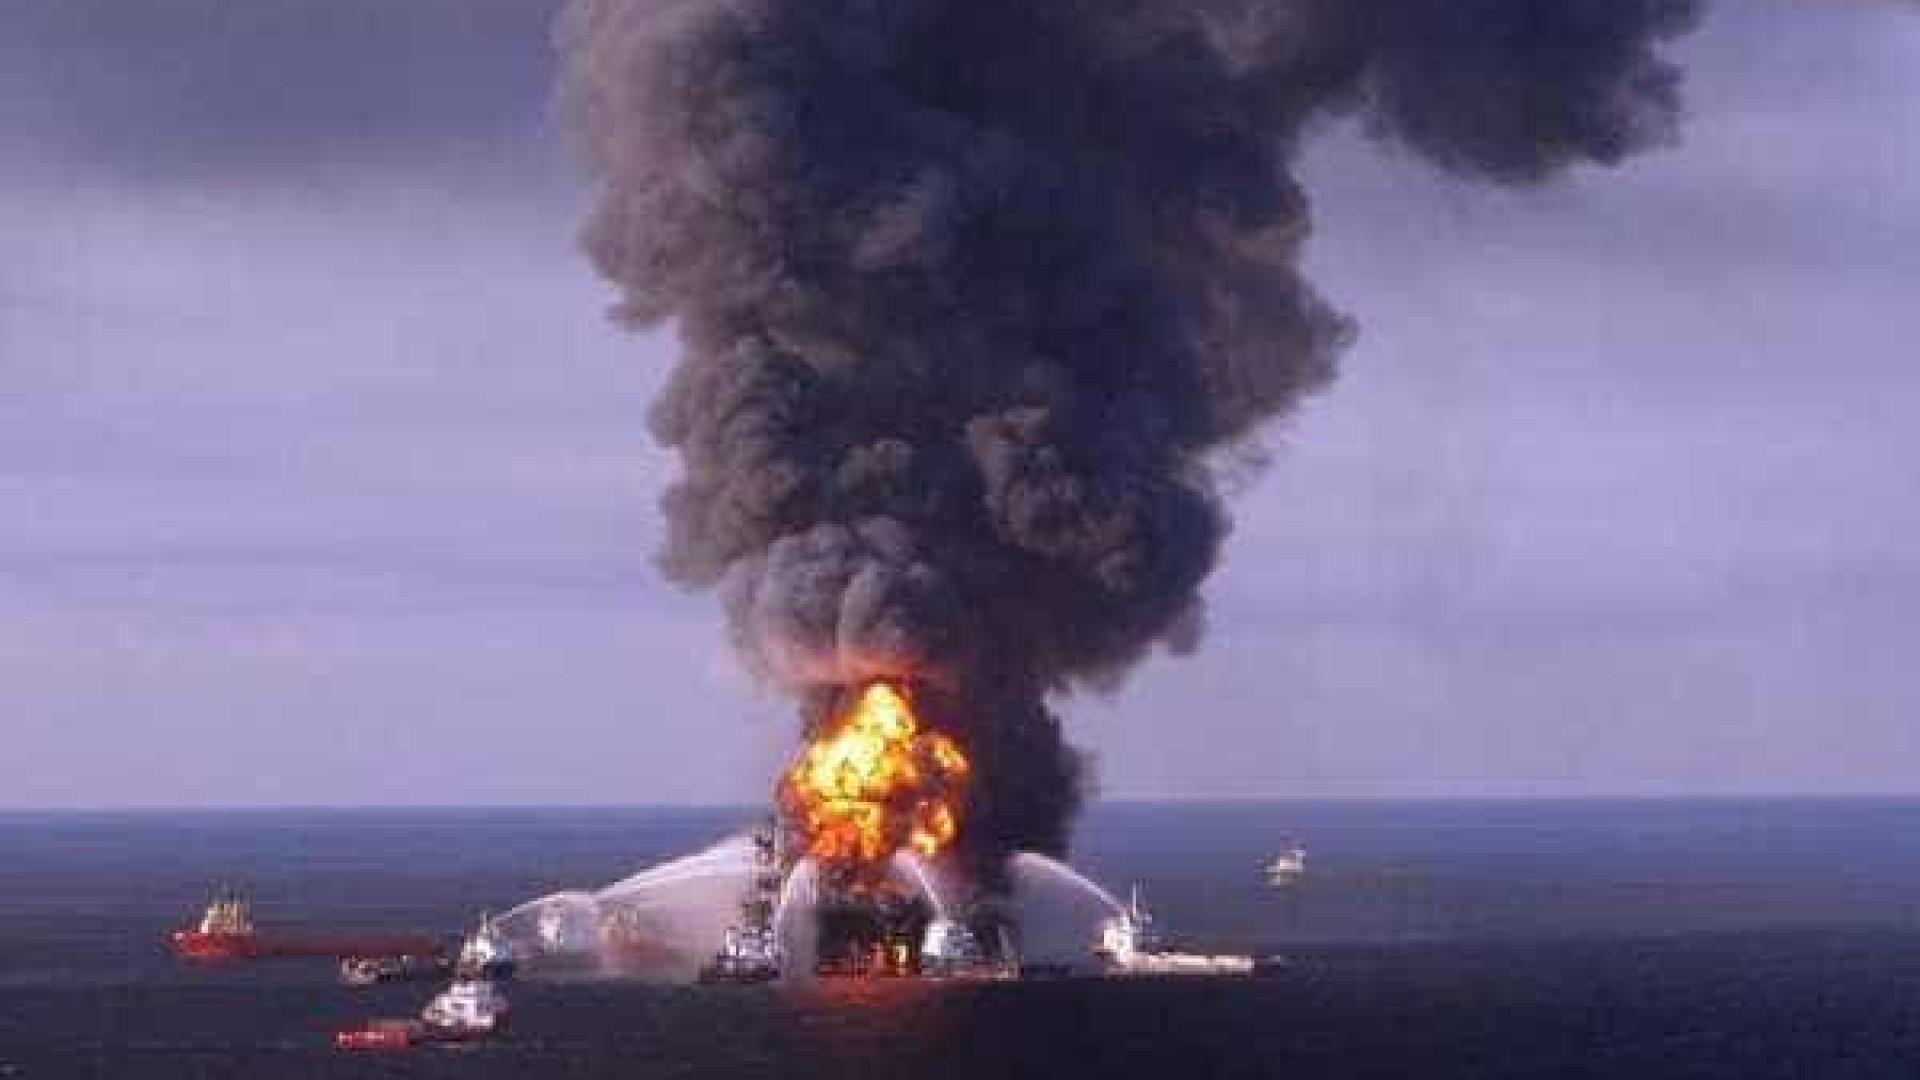 Petróleo. Luanda discute responsabilidades da indústria pós Macondo